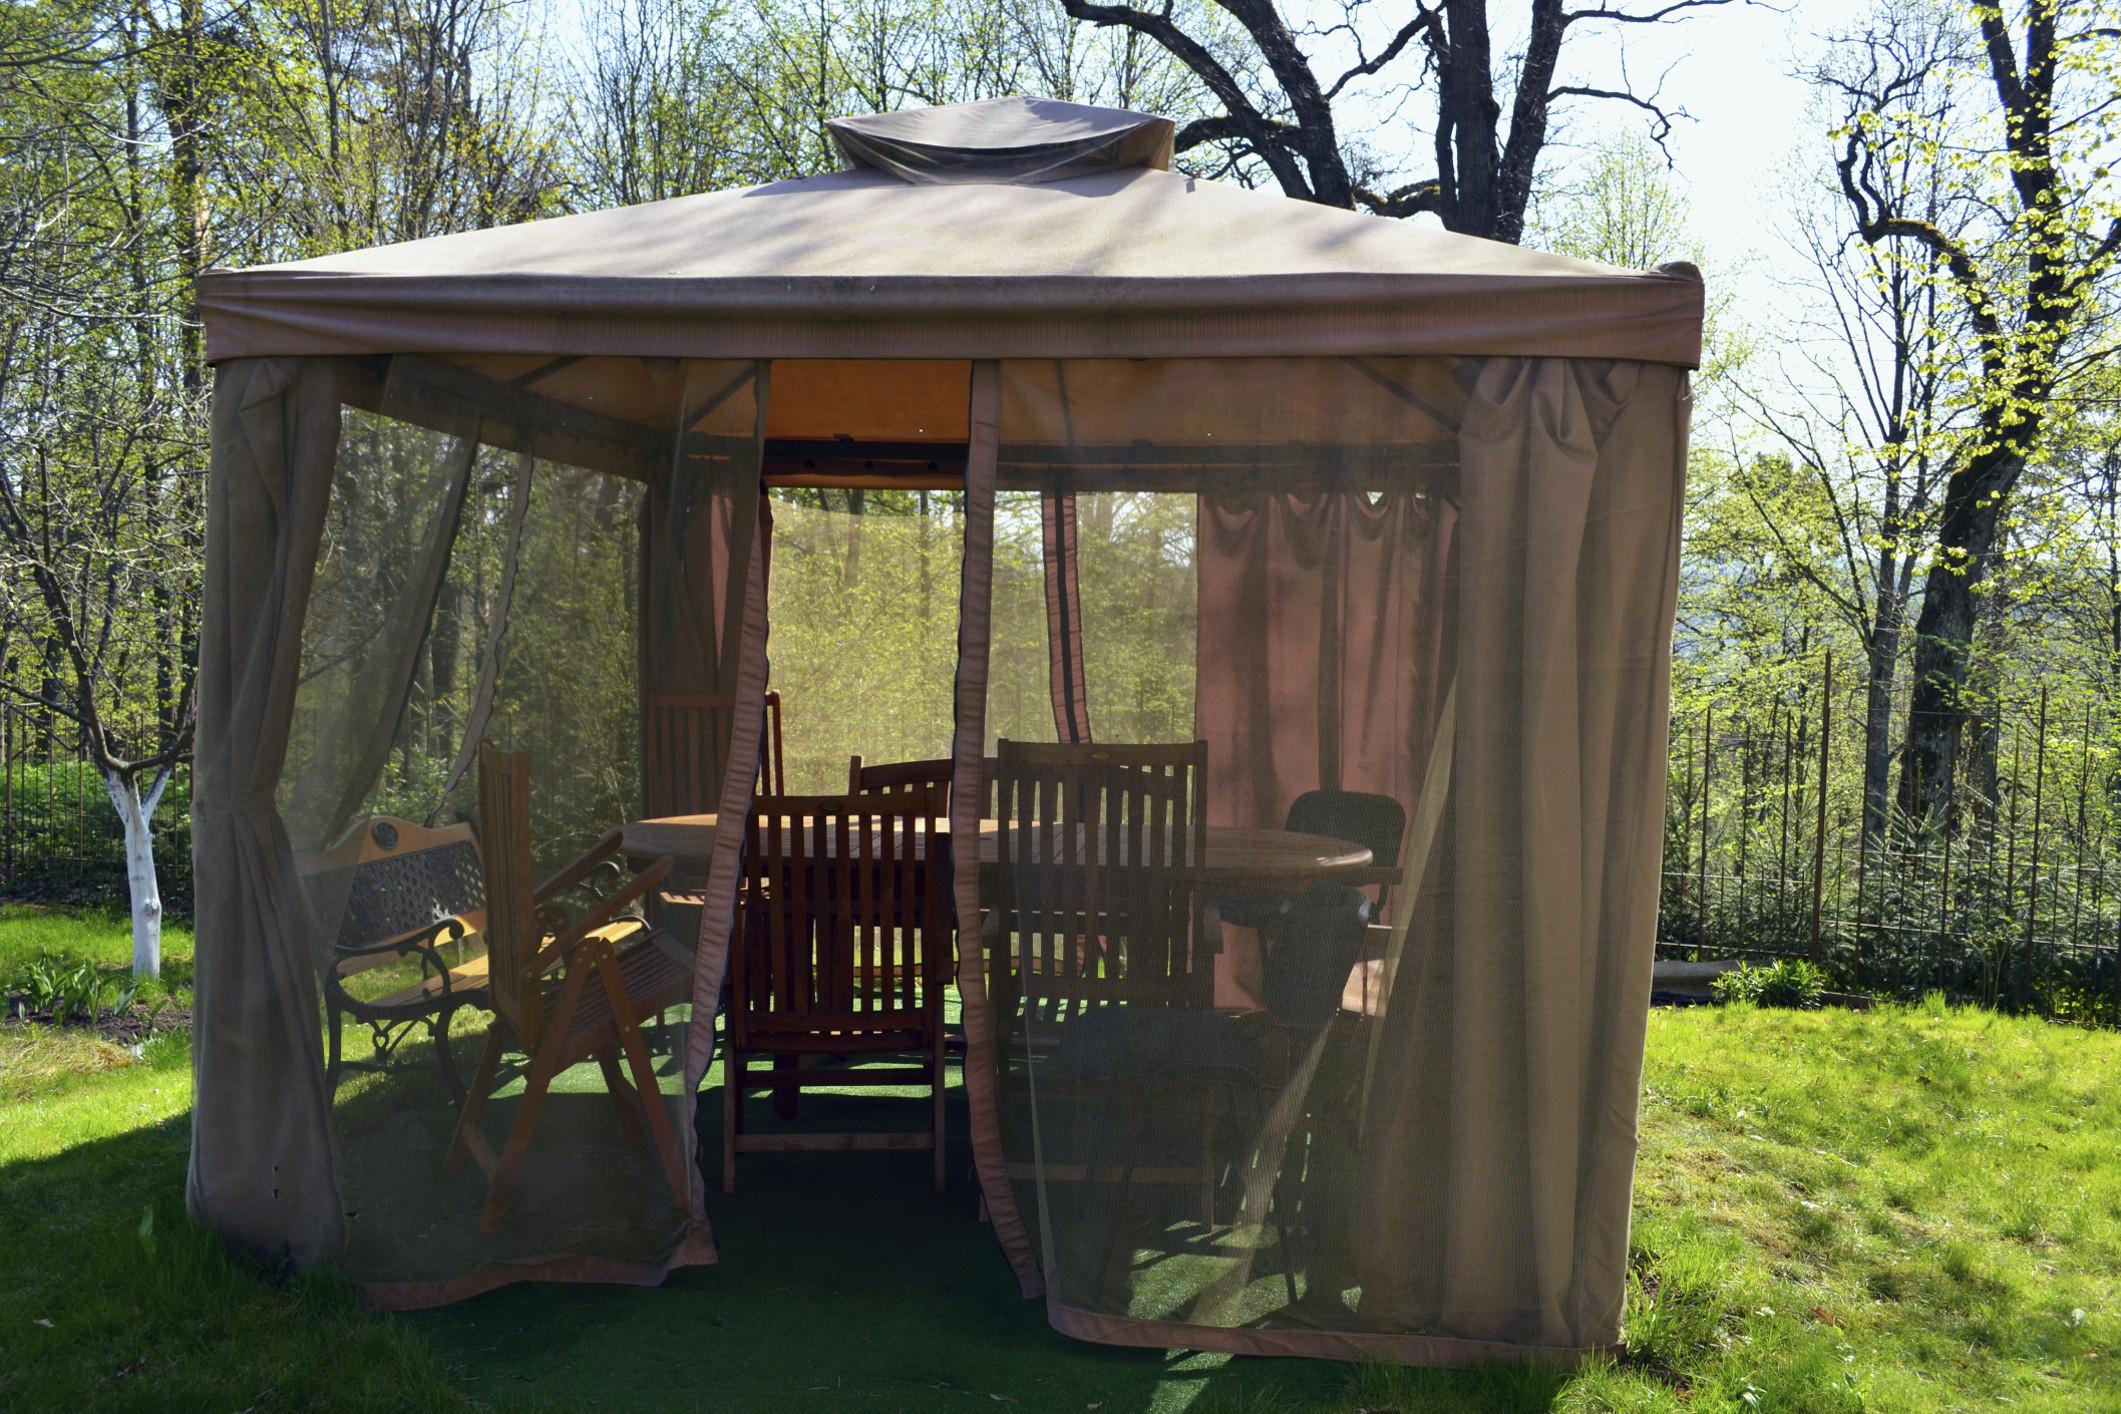 Abris Jardin Bois Castorama Impressionnant Image Luxe 40 De Castorama Abri De Jardin Concept